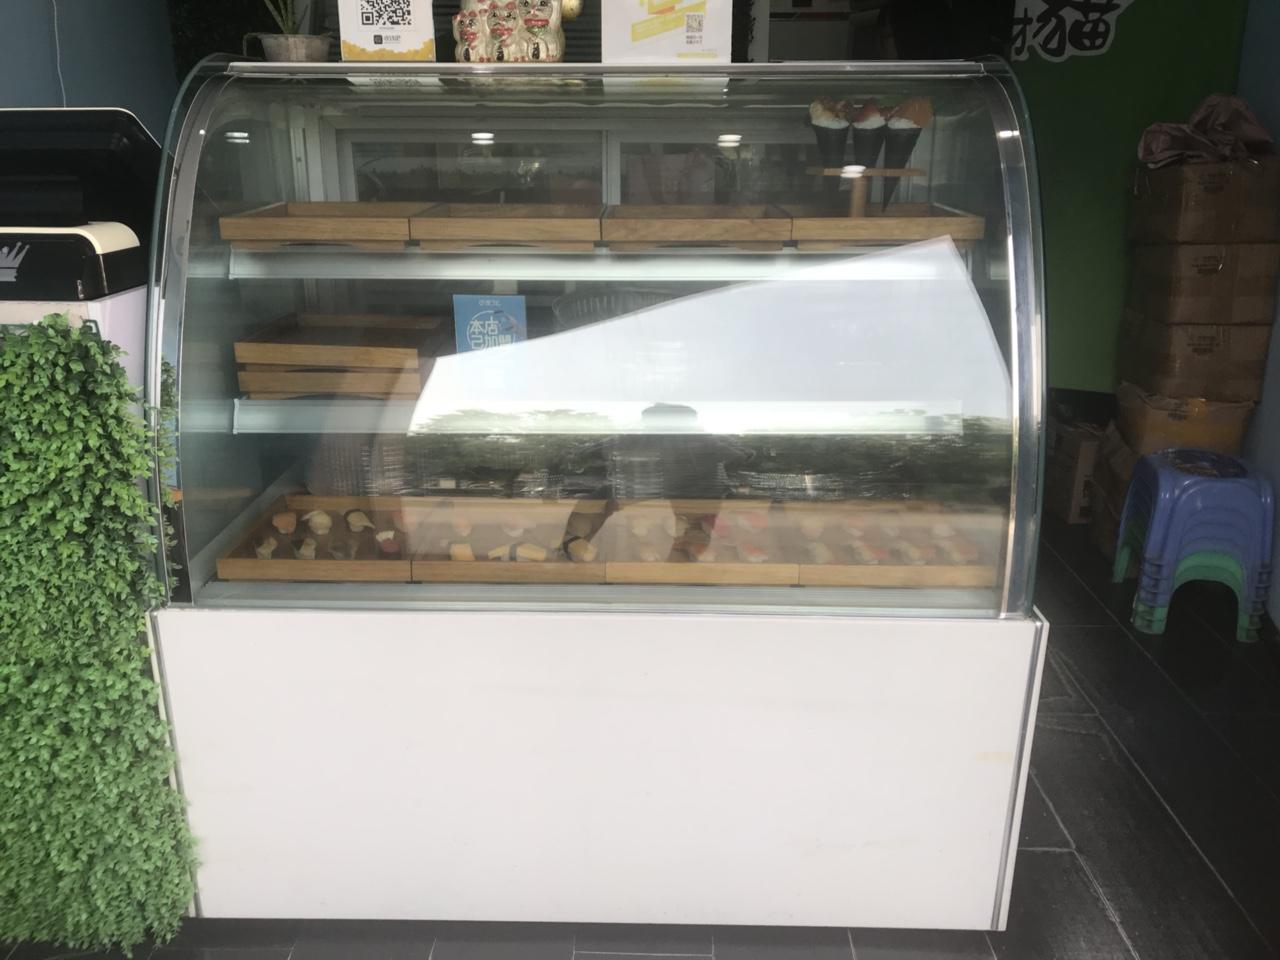 冷藏保鮮柜展示柜,九層新,功能齊全(制冷、照明、除霧、保濕)長:120cm 寬:70cm